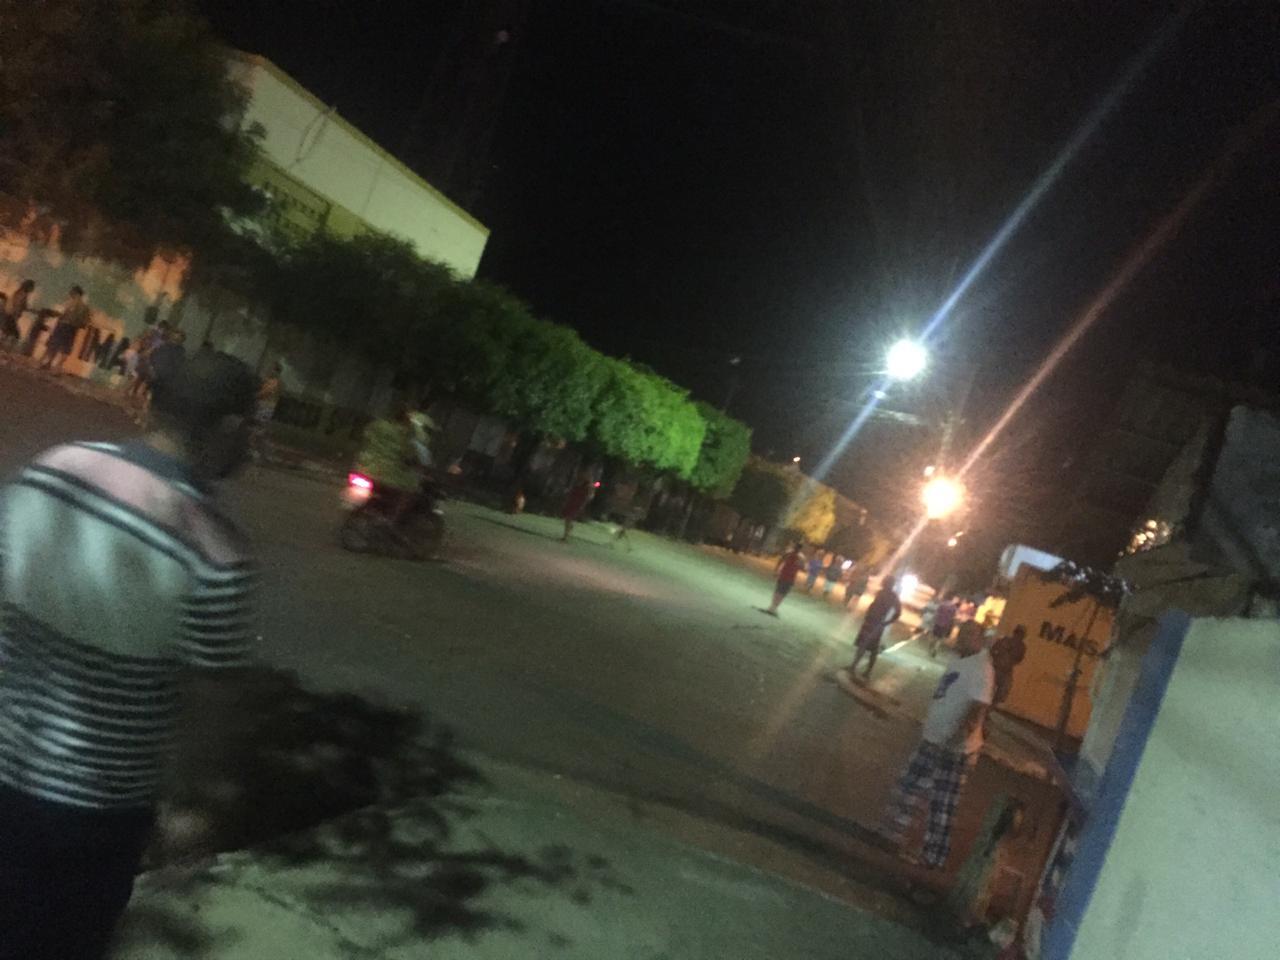 94ea7c30 242a 4d0b a3d1 bd2c62c46c17 - BANG BANG NORDESTINO: bandidos armados explodem agência bancária e trocam tiros com polícia em cidade do Sertão